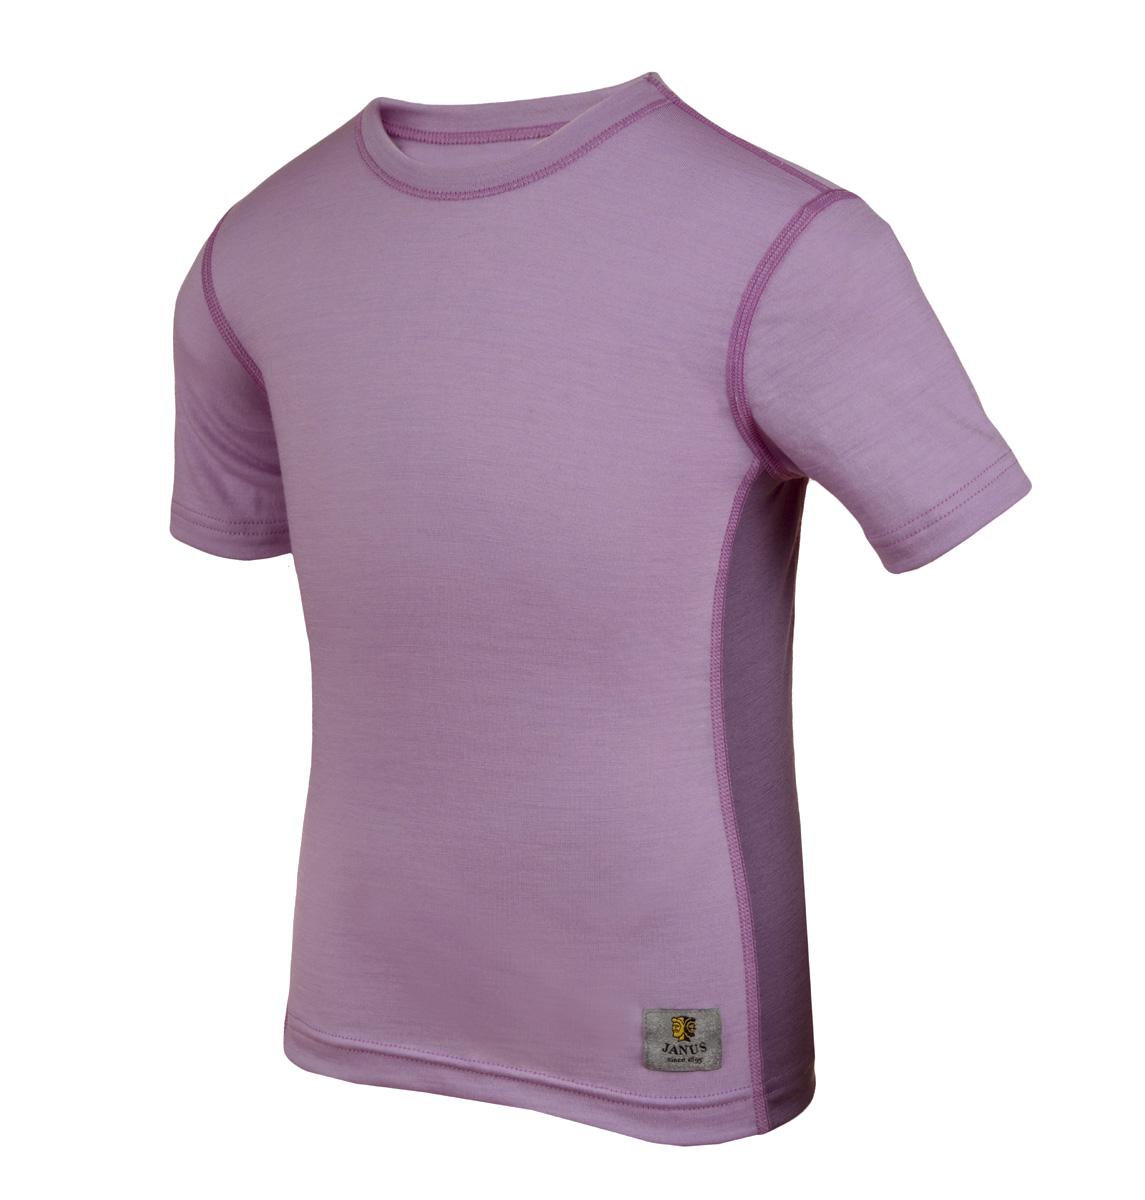 Janus LightWool barn t-shirt 100% merinoull lila